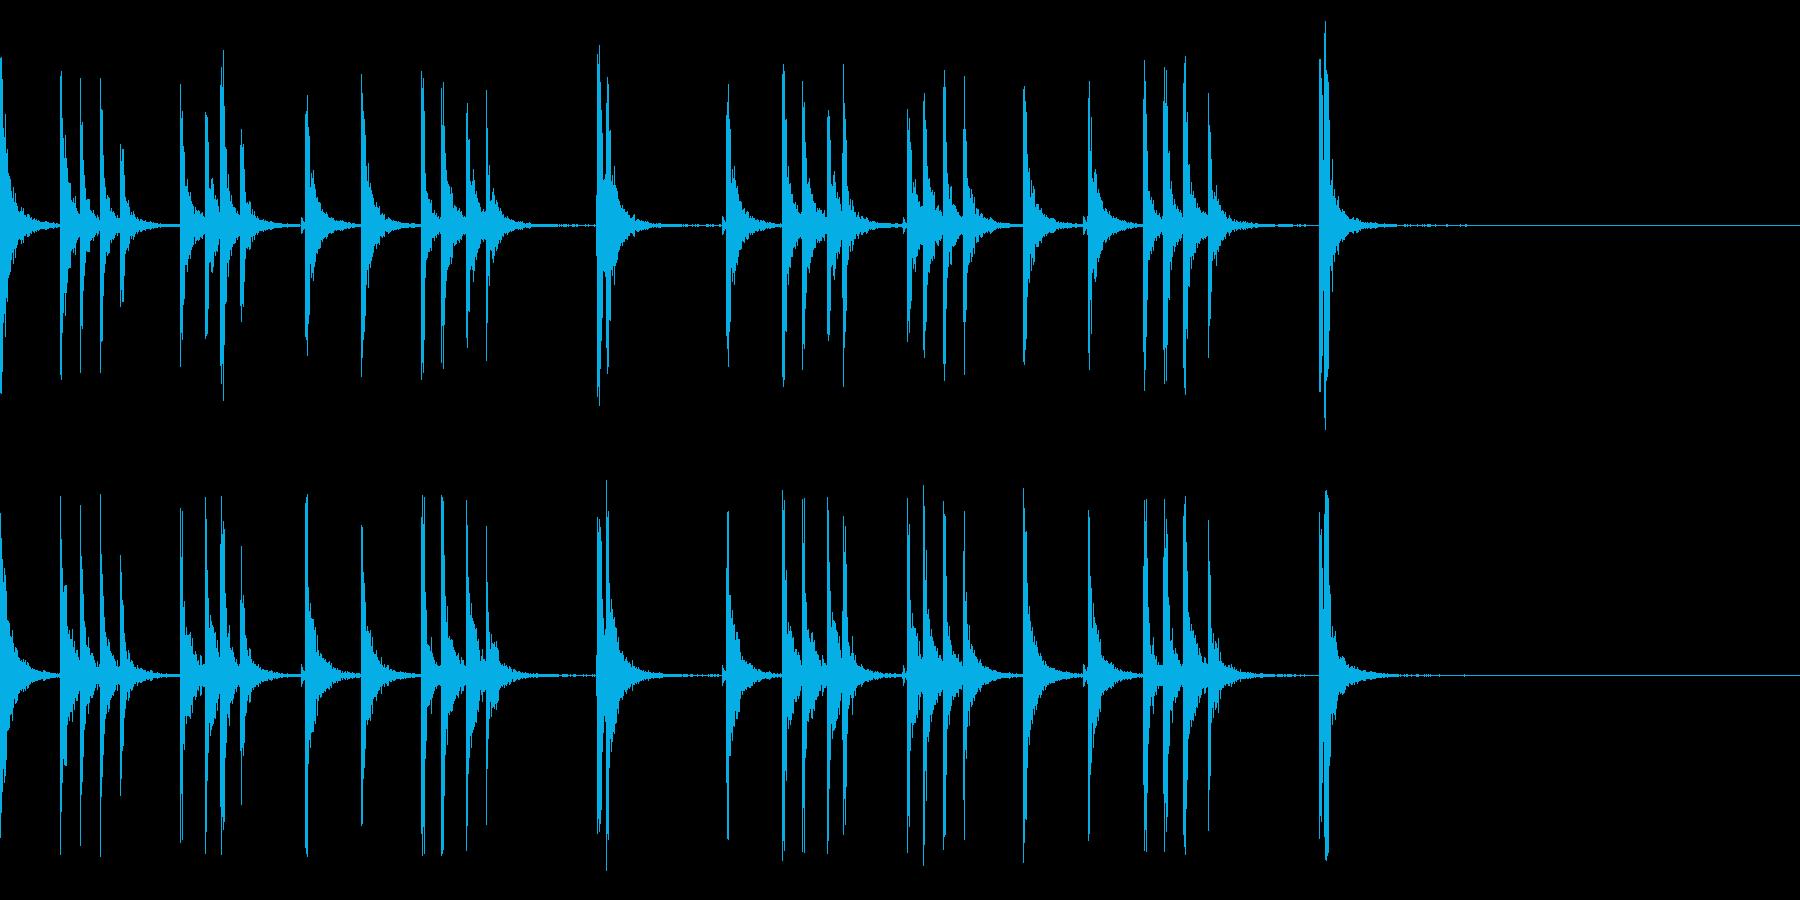 カスタネット!フラメンコフレーズ3の再生済みの波形